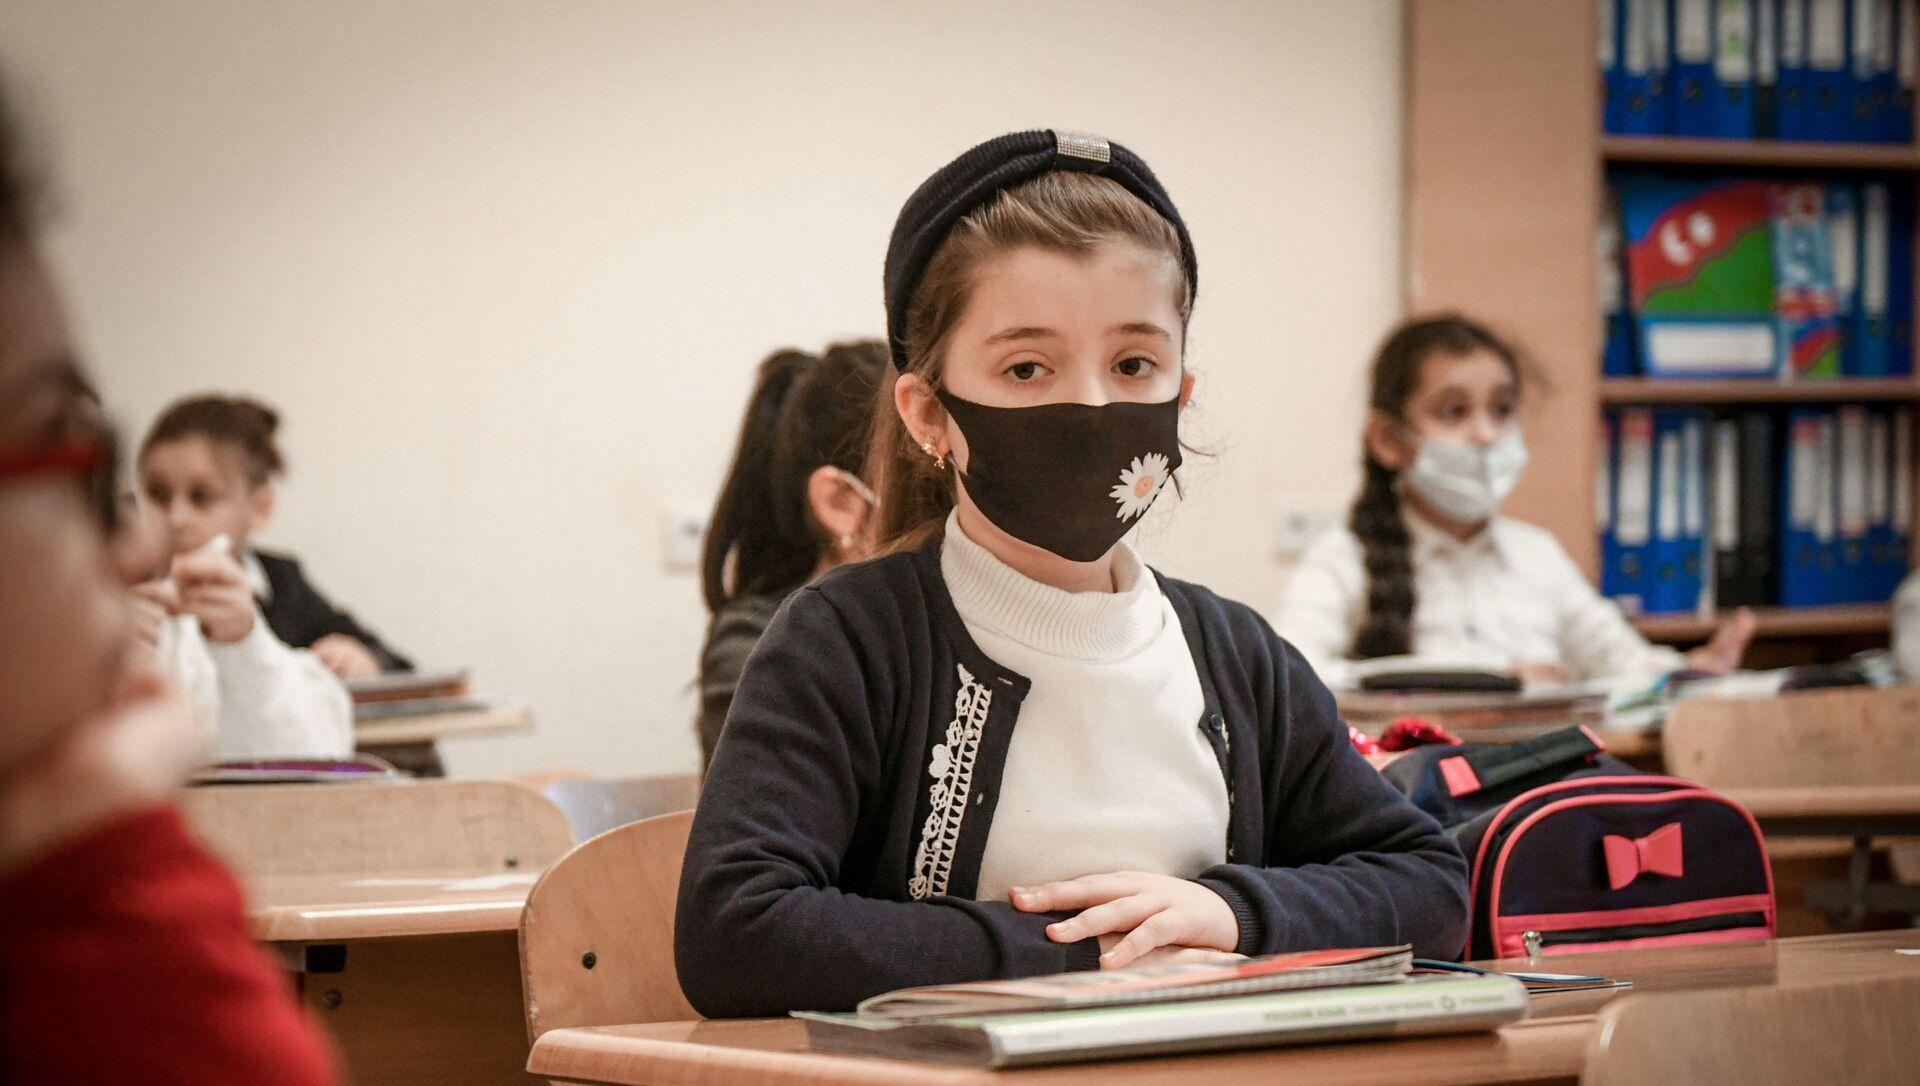 Возобновление очных занятий в бакинских школах, 1 февраля 2021 года - Sputnik Azərbaycan, 1920, 17.09.2021